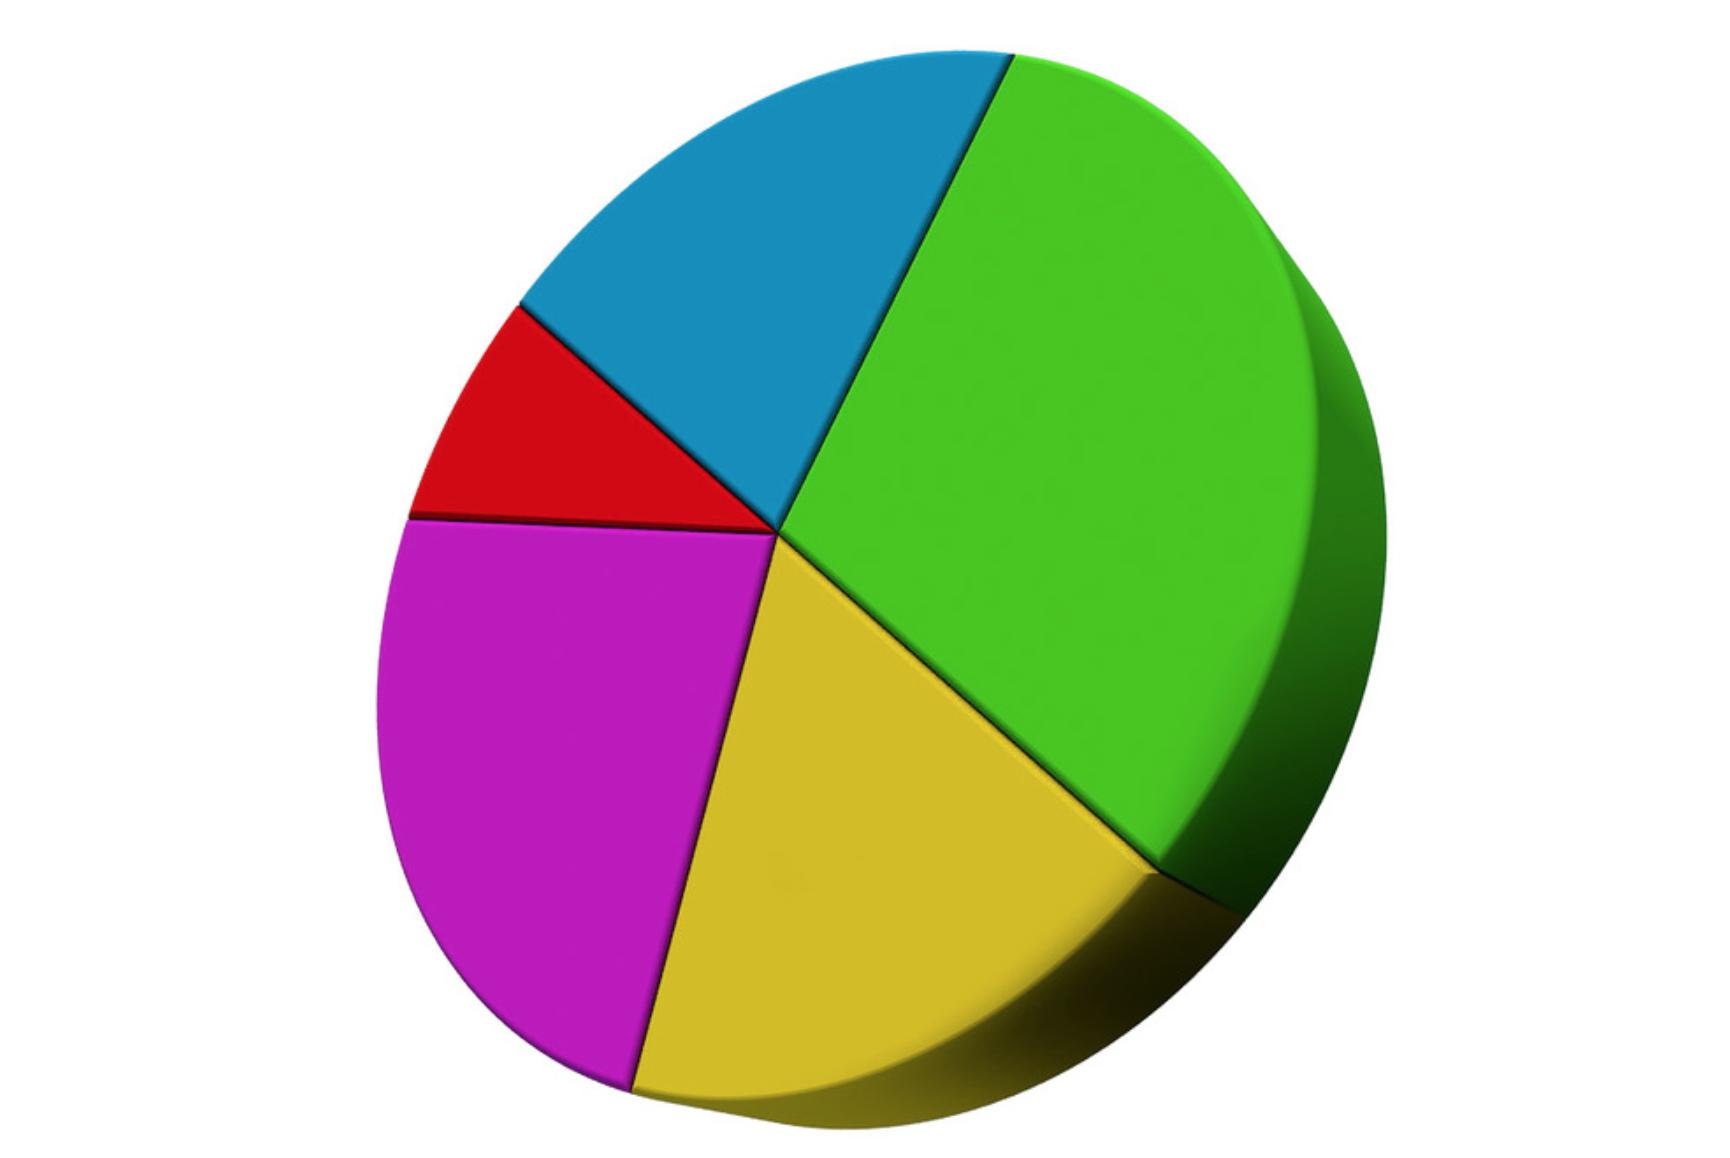 Как рассчитать ГОЗ среди субъектов МСП по 223-ФЗ в 2021 году